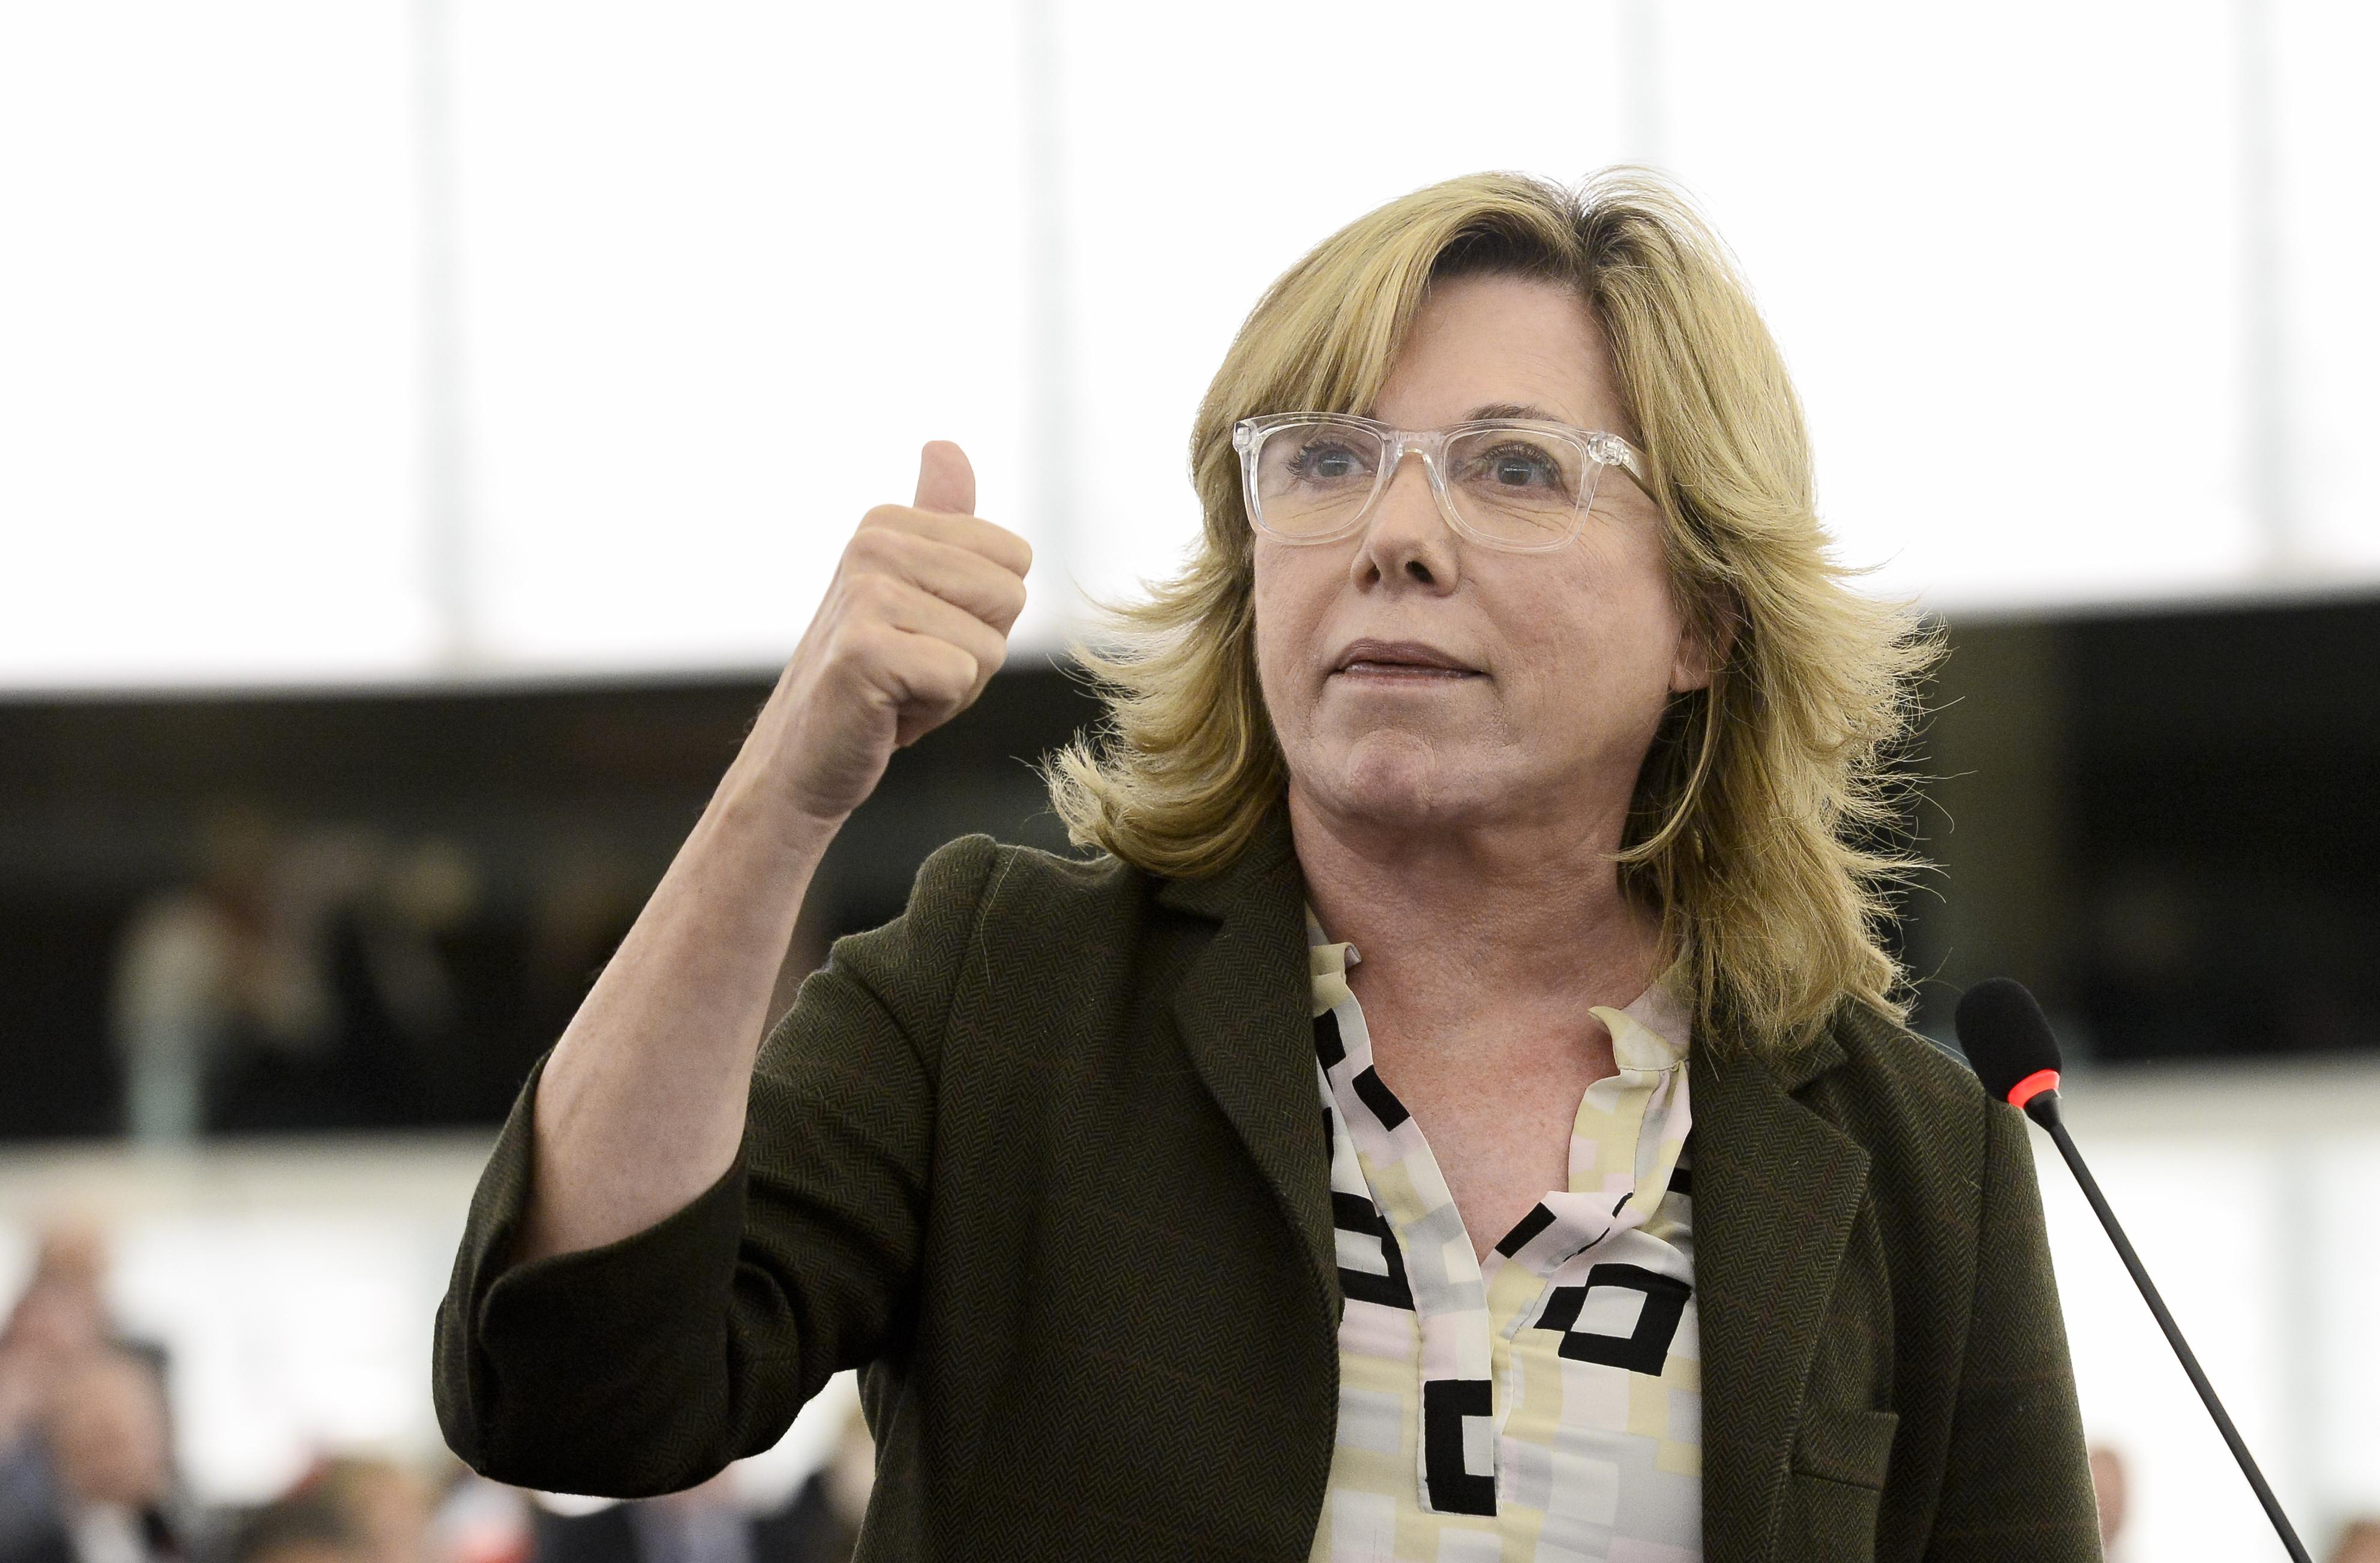 L'eurodéputée espagnole Pilar del Castillo est rapporteur de la loi sur le marché unique des télécoms.